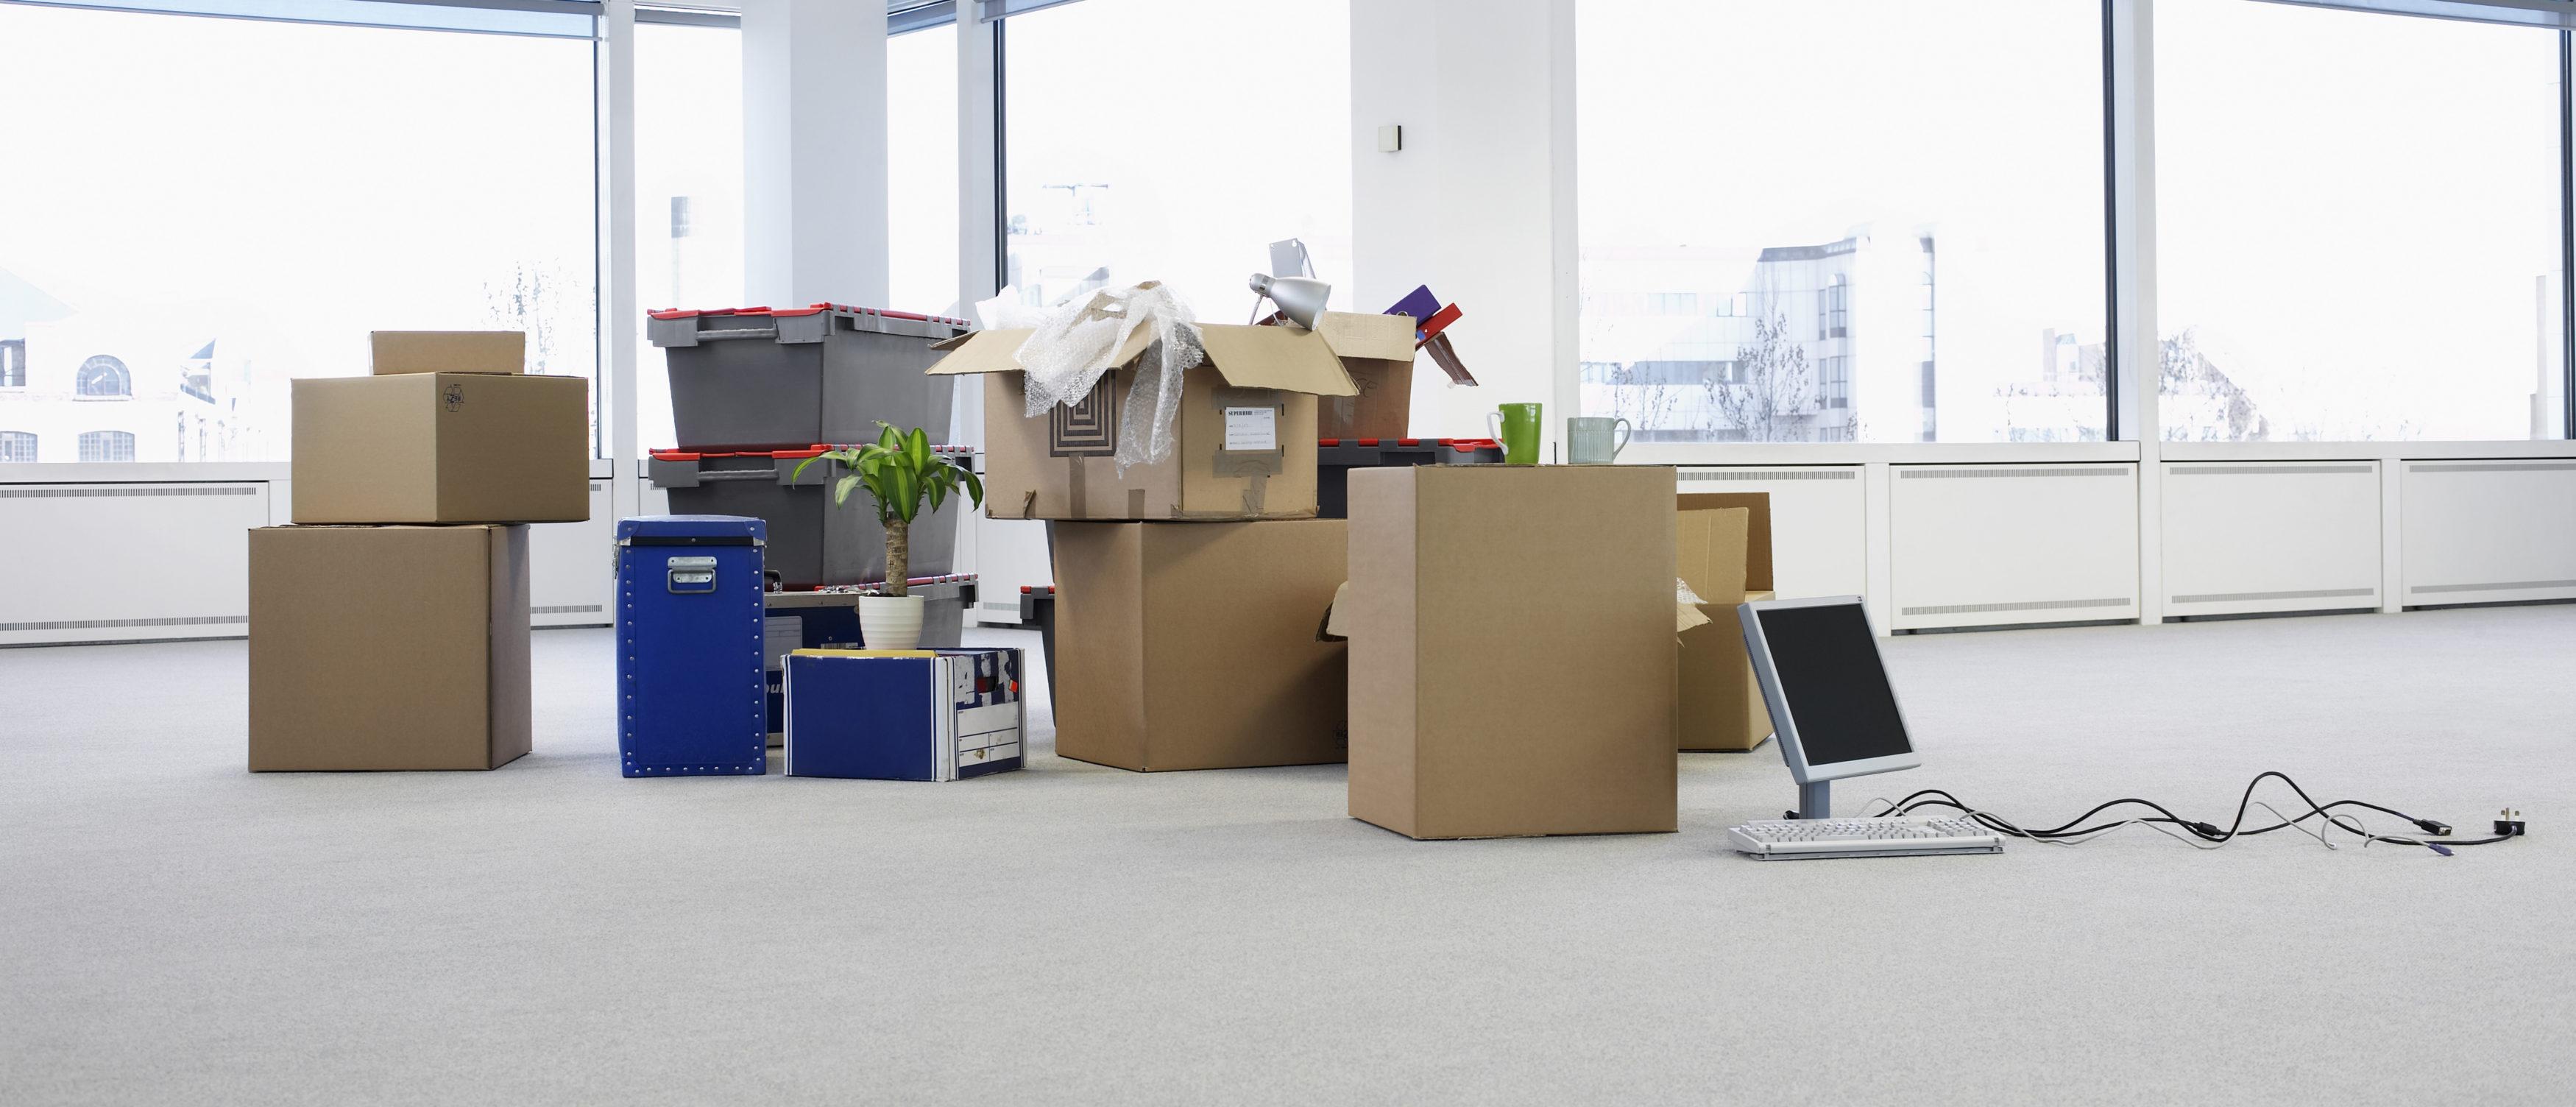 moving-office-e1484335650834-3500x1504.jpg